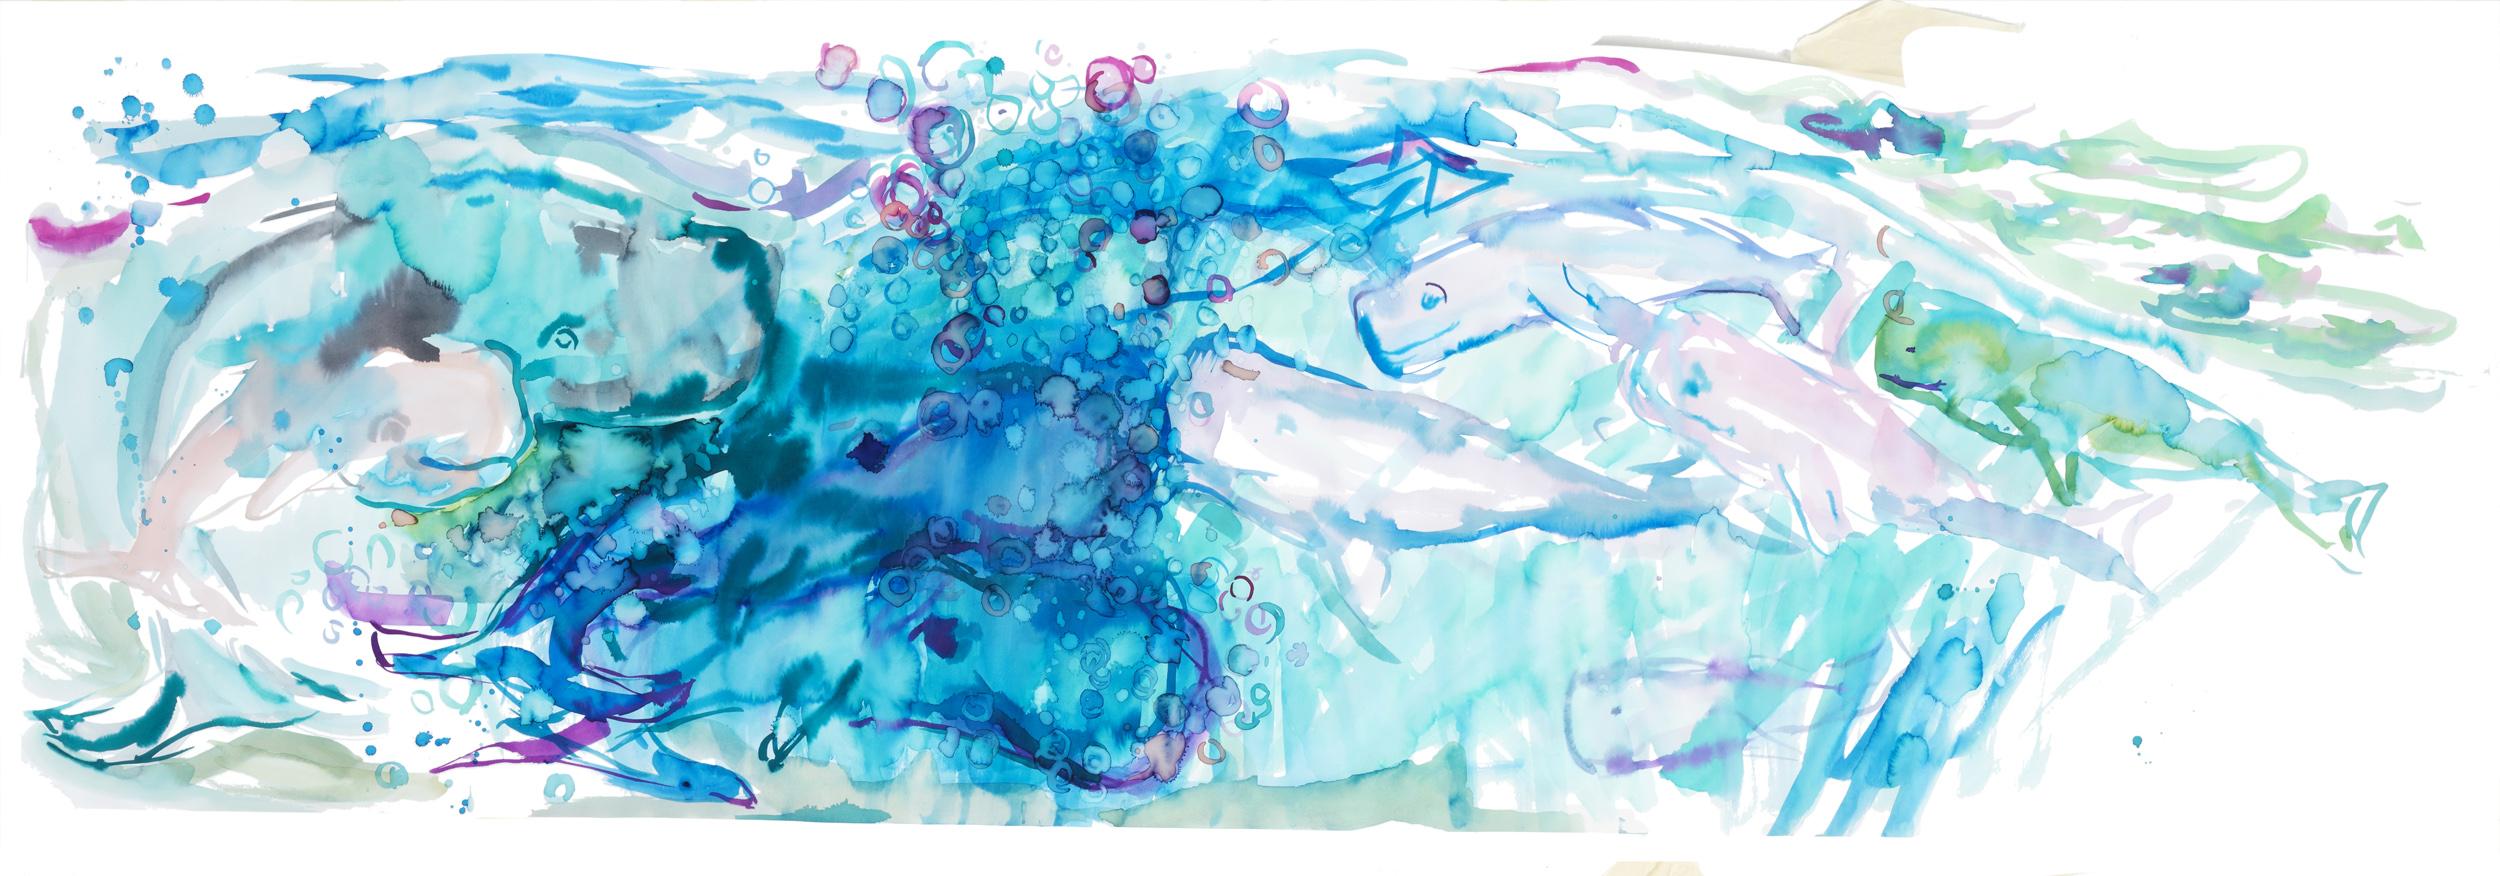 whales3LR.jpg